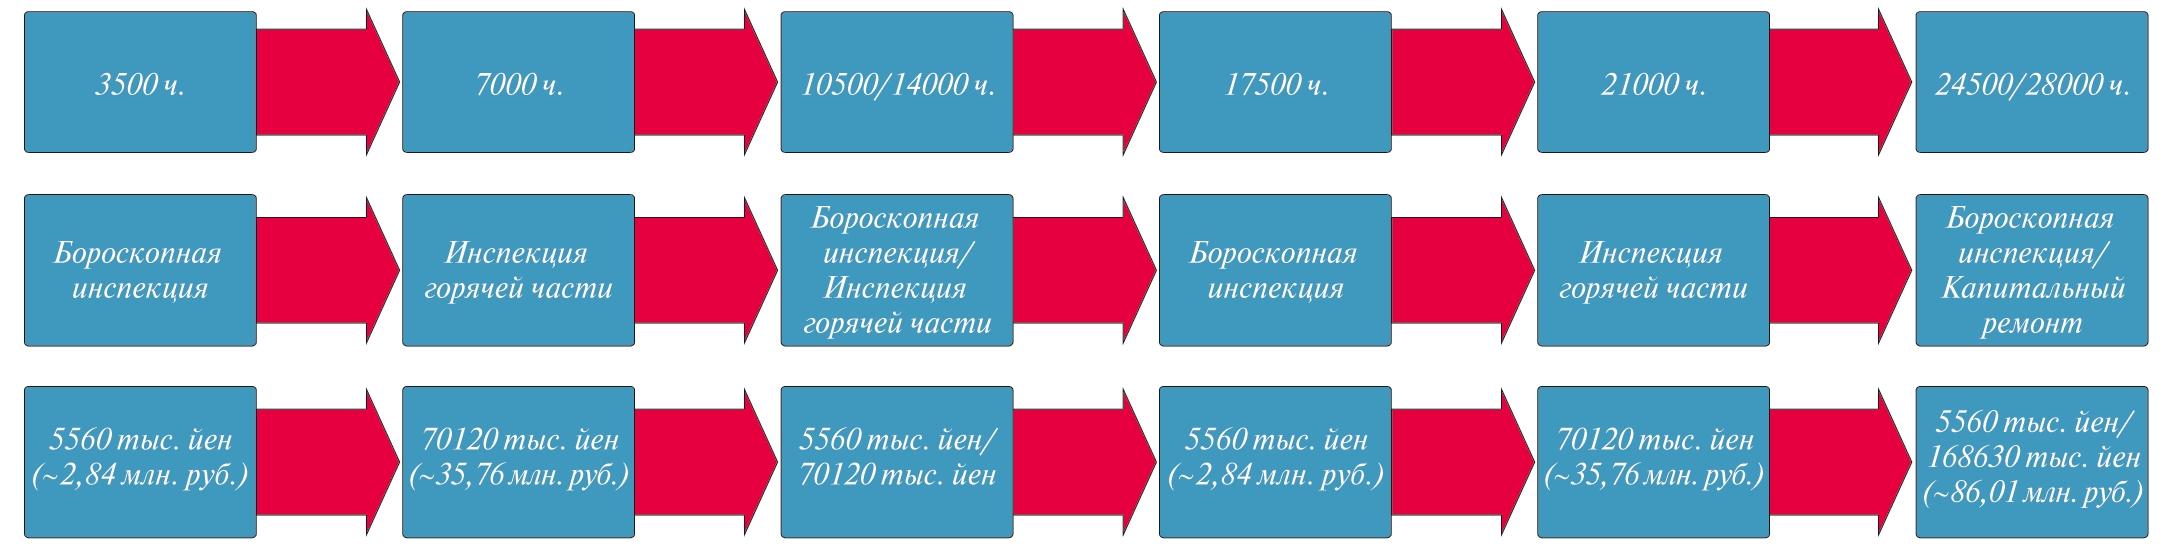 Рис. 4. Требуемый вид ремонта/технического обслуживания и его стоимость по достижению числа часов наработки (лопатки RENE 80)